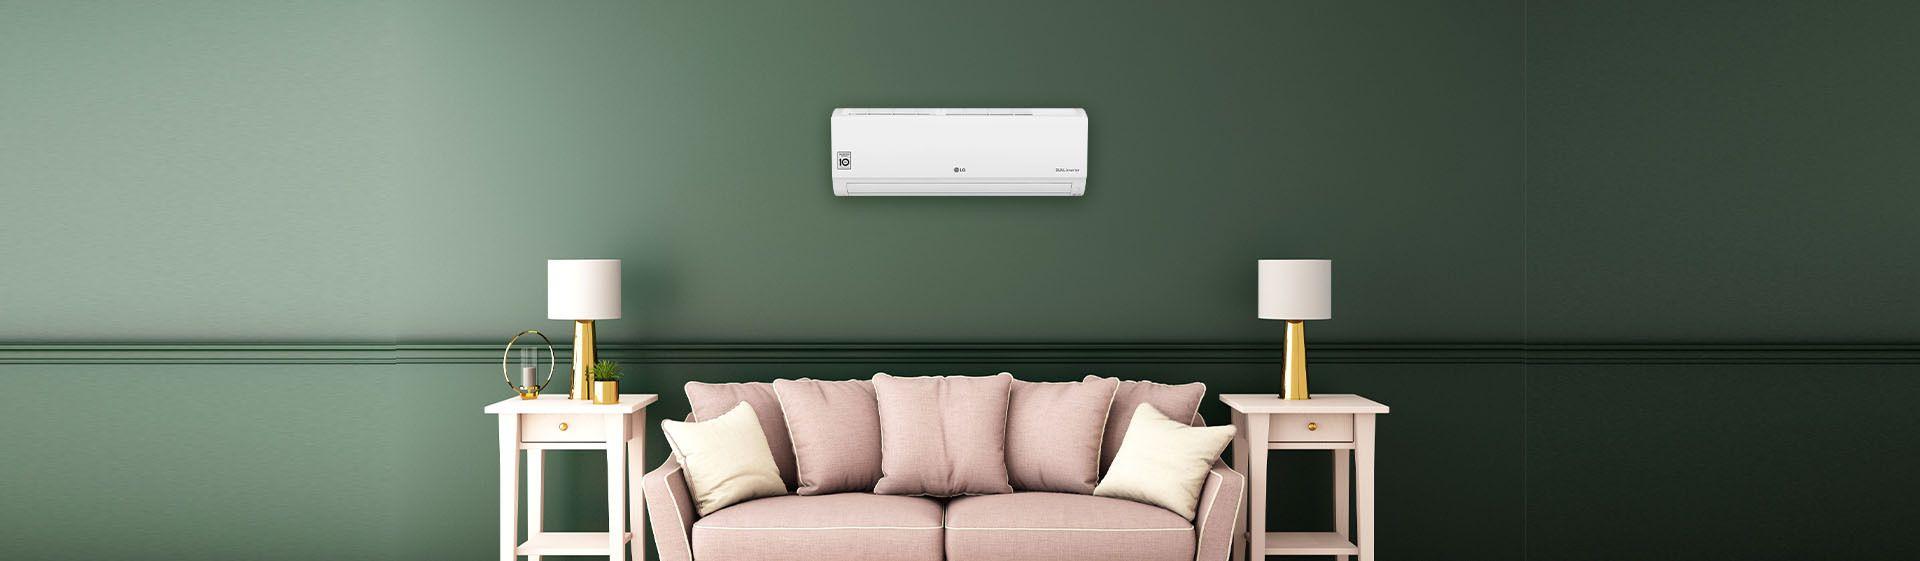 Melhor ar-condicionado 9.000 BTUs em 2020: confira nossa seleção